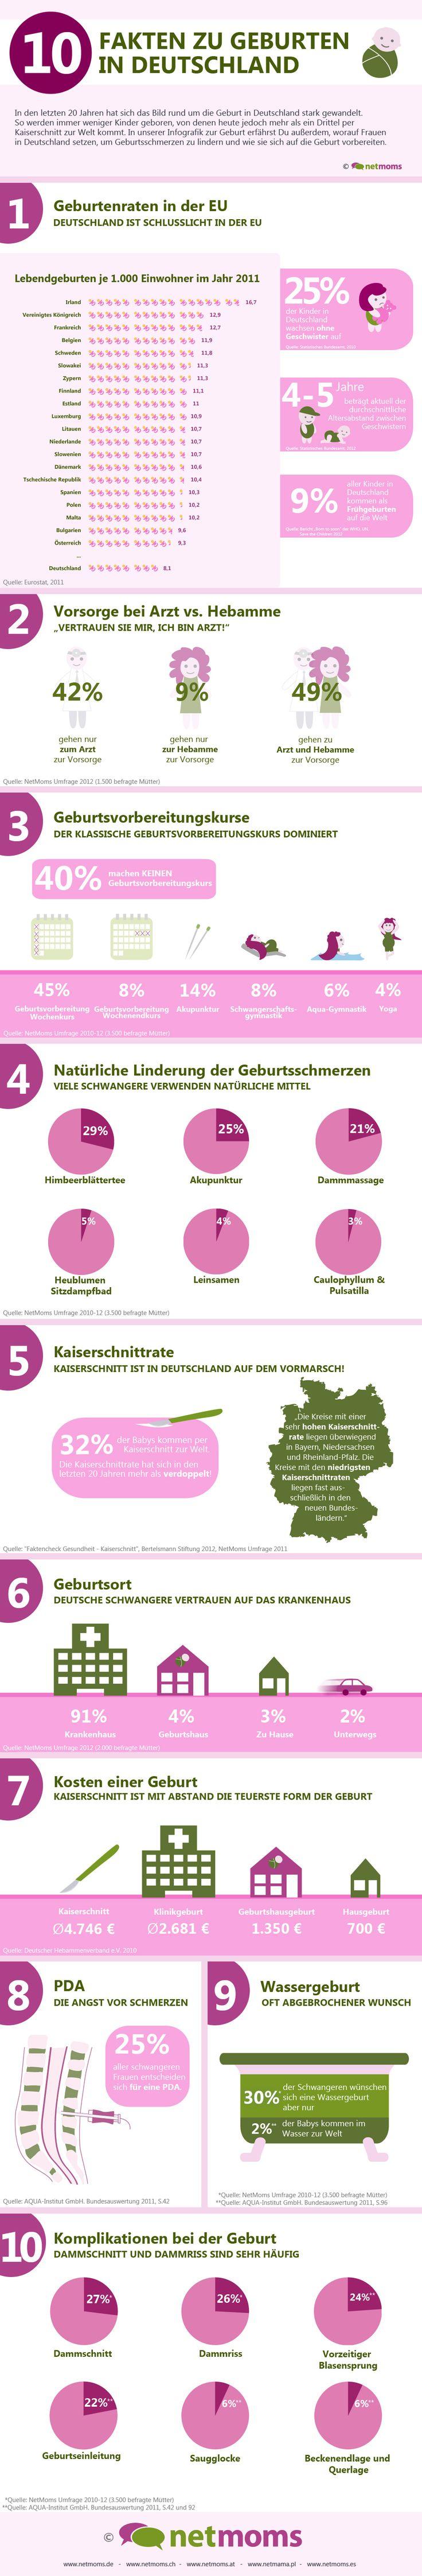 10 interessante Fakten zur Geburt. Umfrage unter 3.500 Mütter #geburt #schwangerschaft #geburtenrate